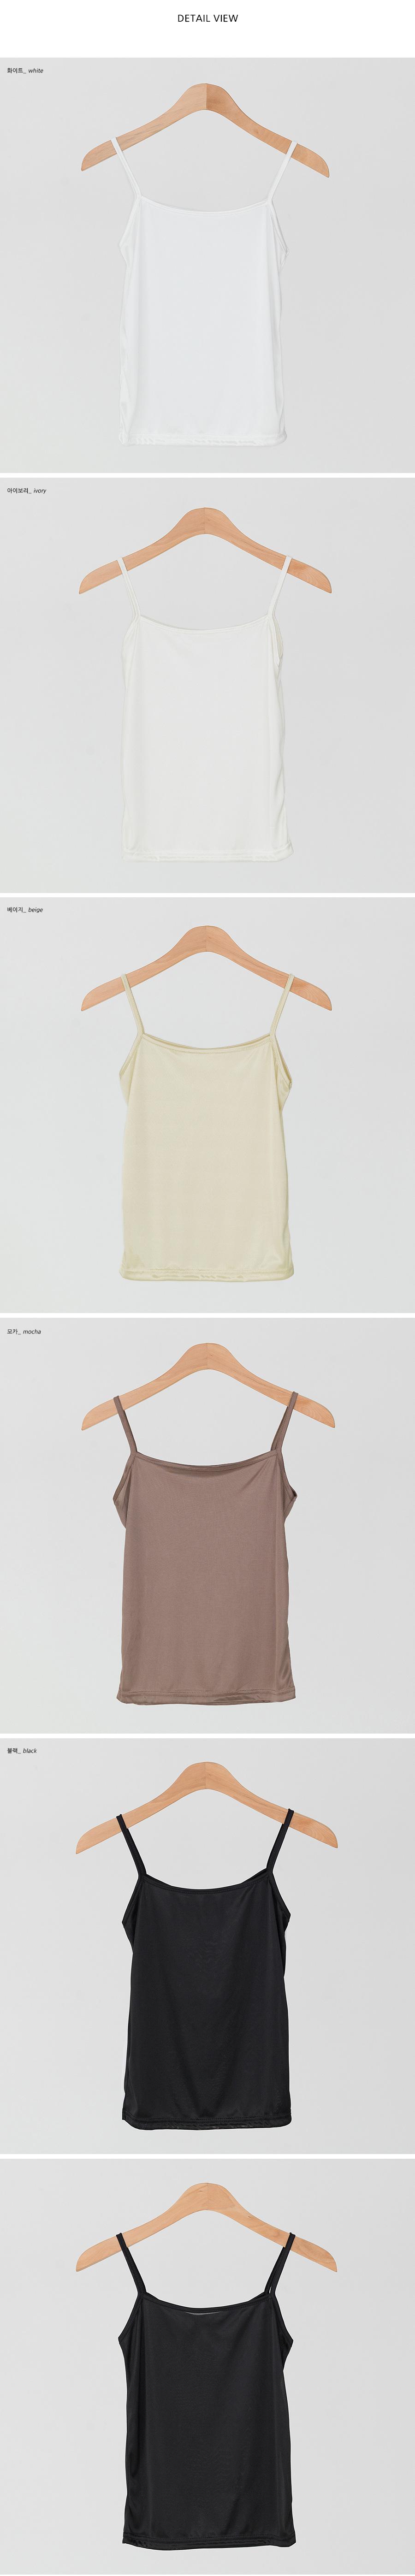 Silk inner sleeveless